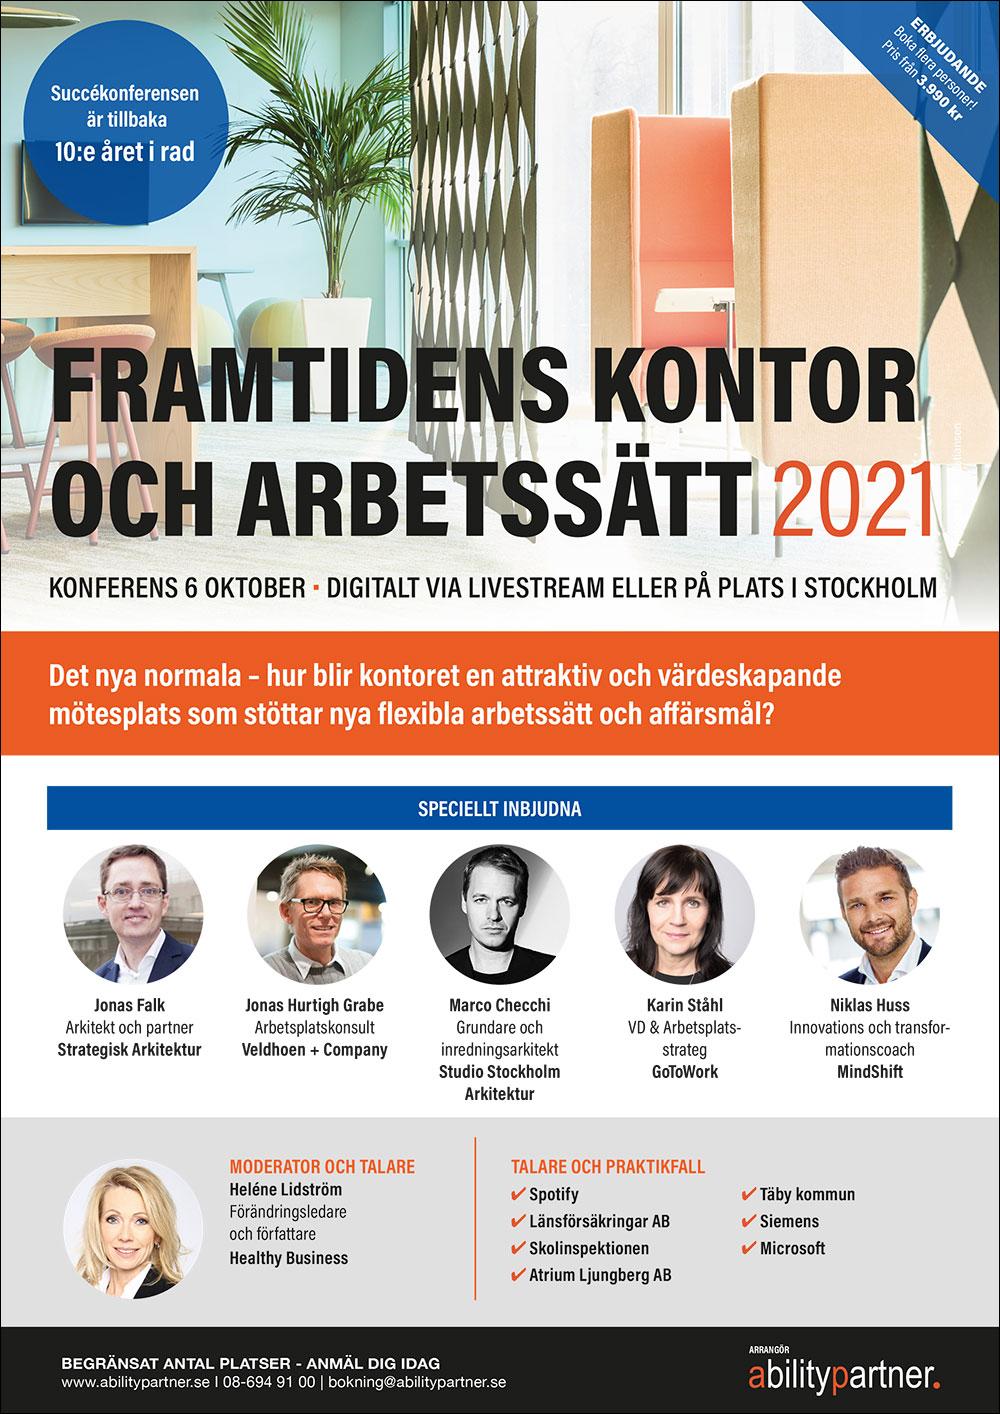 Framtidens-kontor-och-arbetssatt-2021